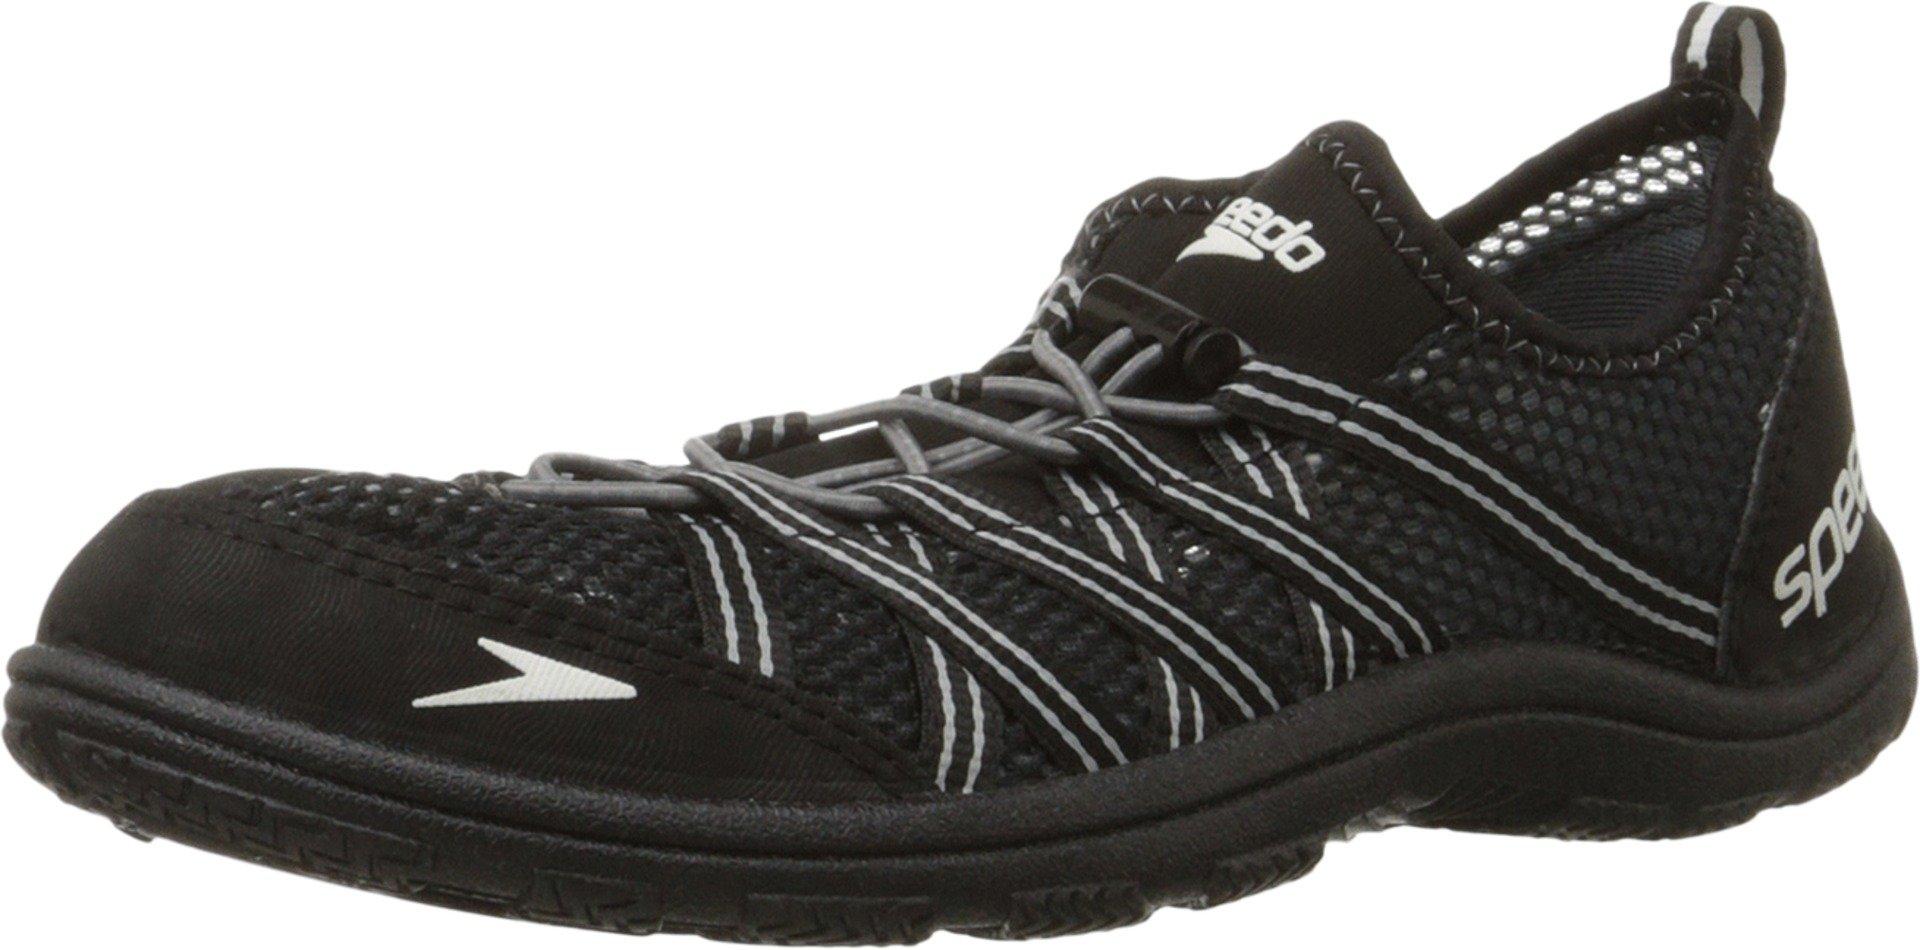 Speedo Men's Seaside Lace 4.0 Water Shoe, Black, 10 M US